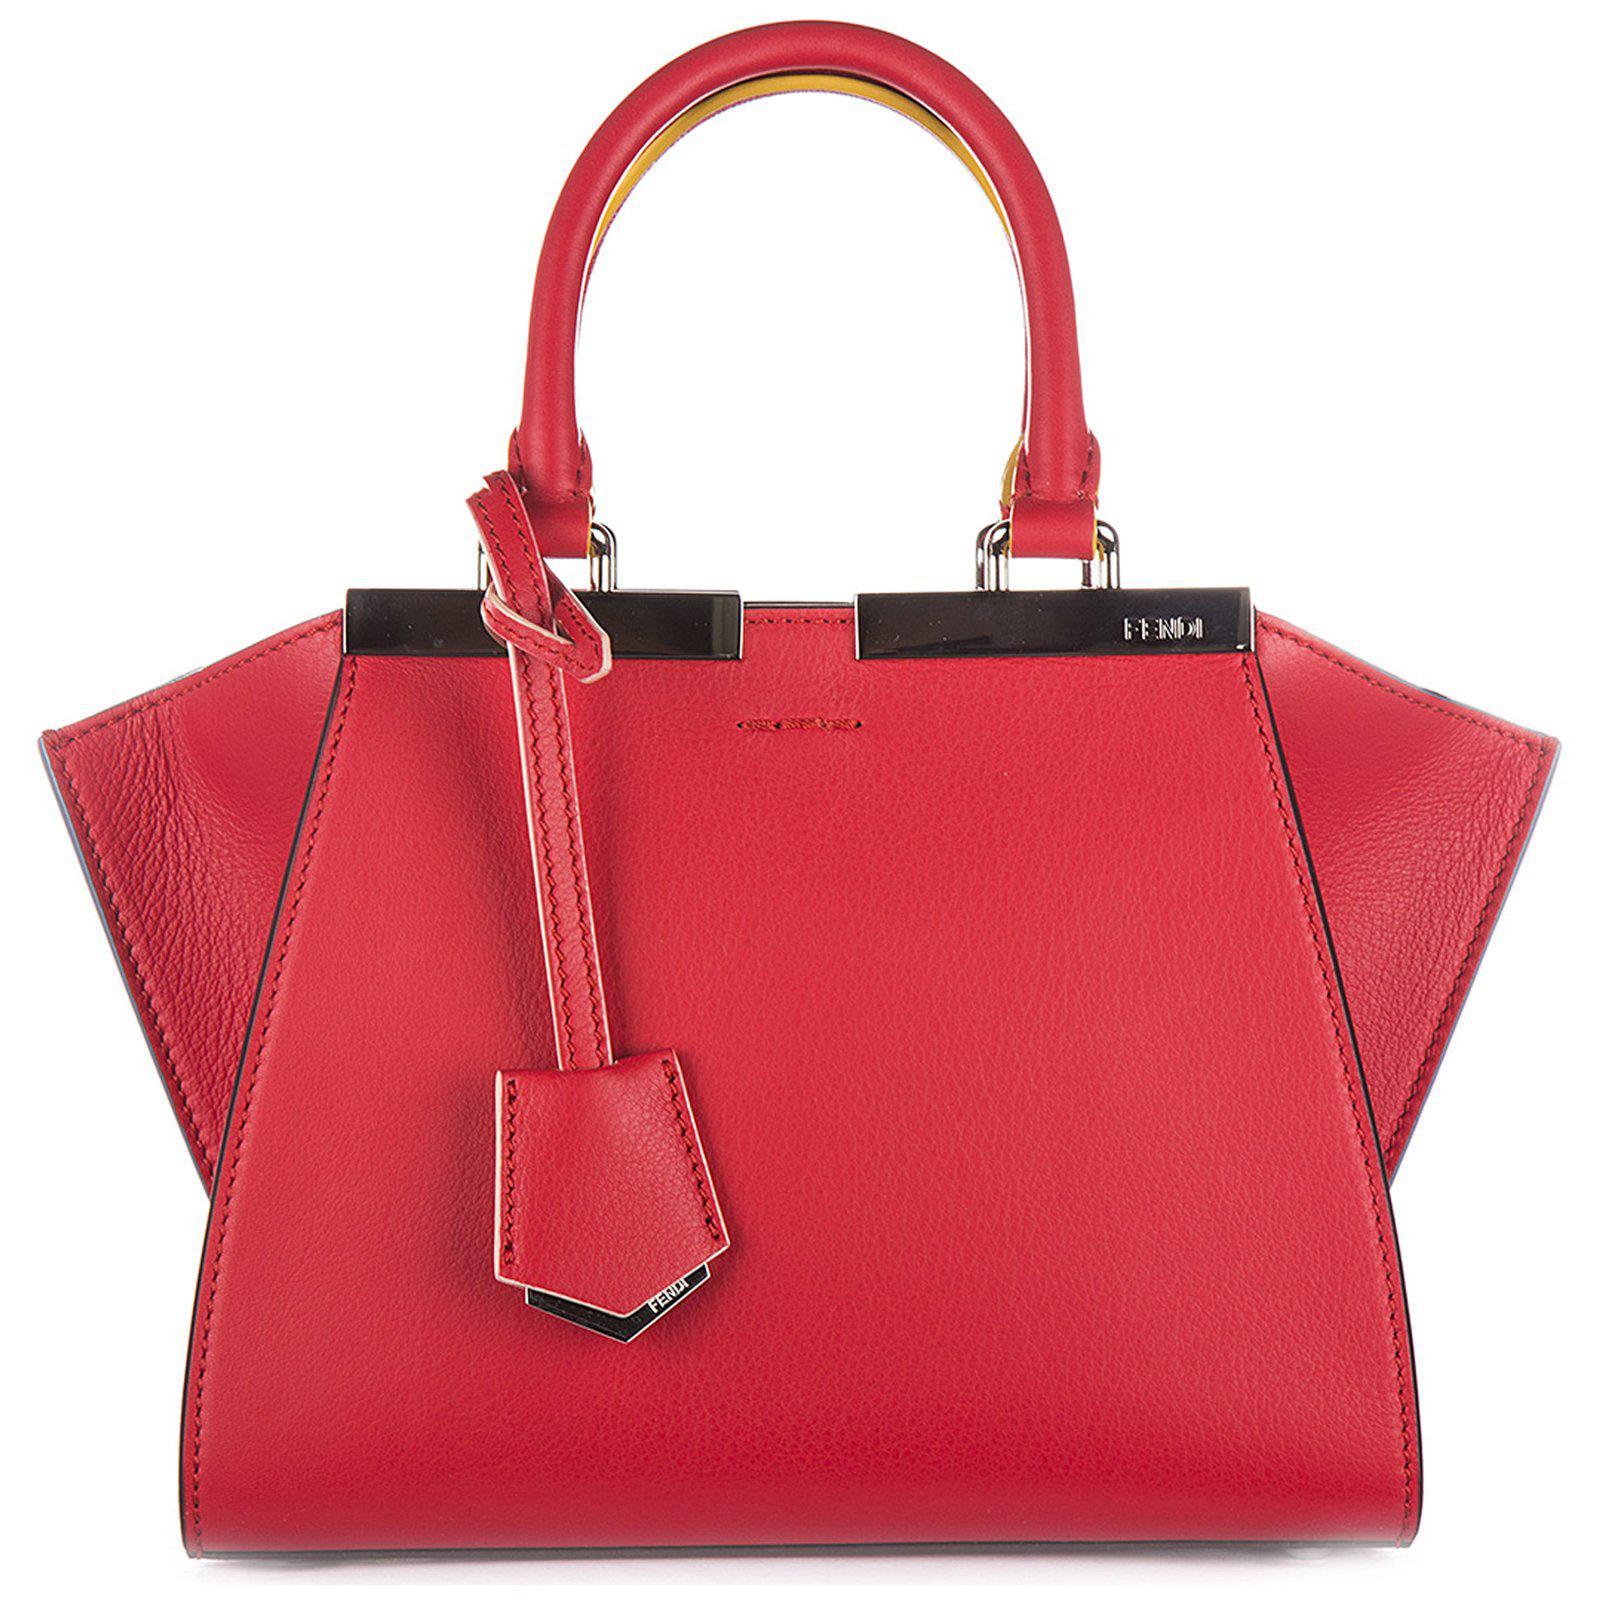 7da1cc5c9e83 Fendi Mini 3jours Tote Bag in Red - Lyst